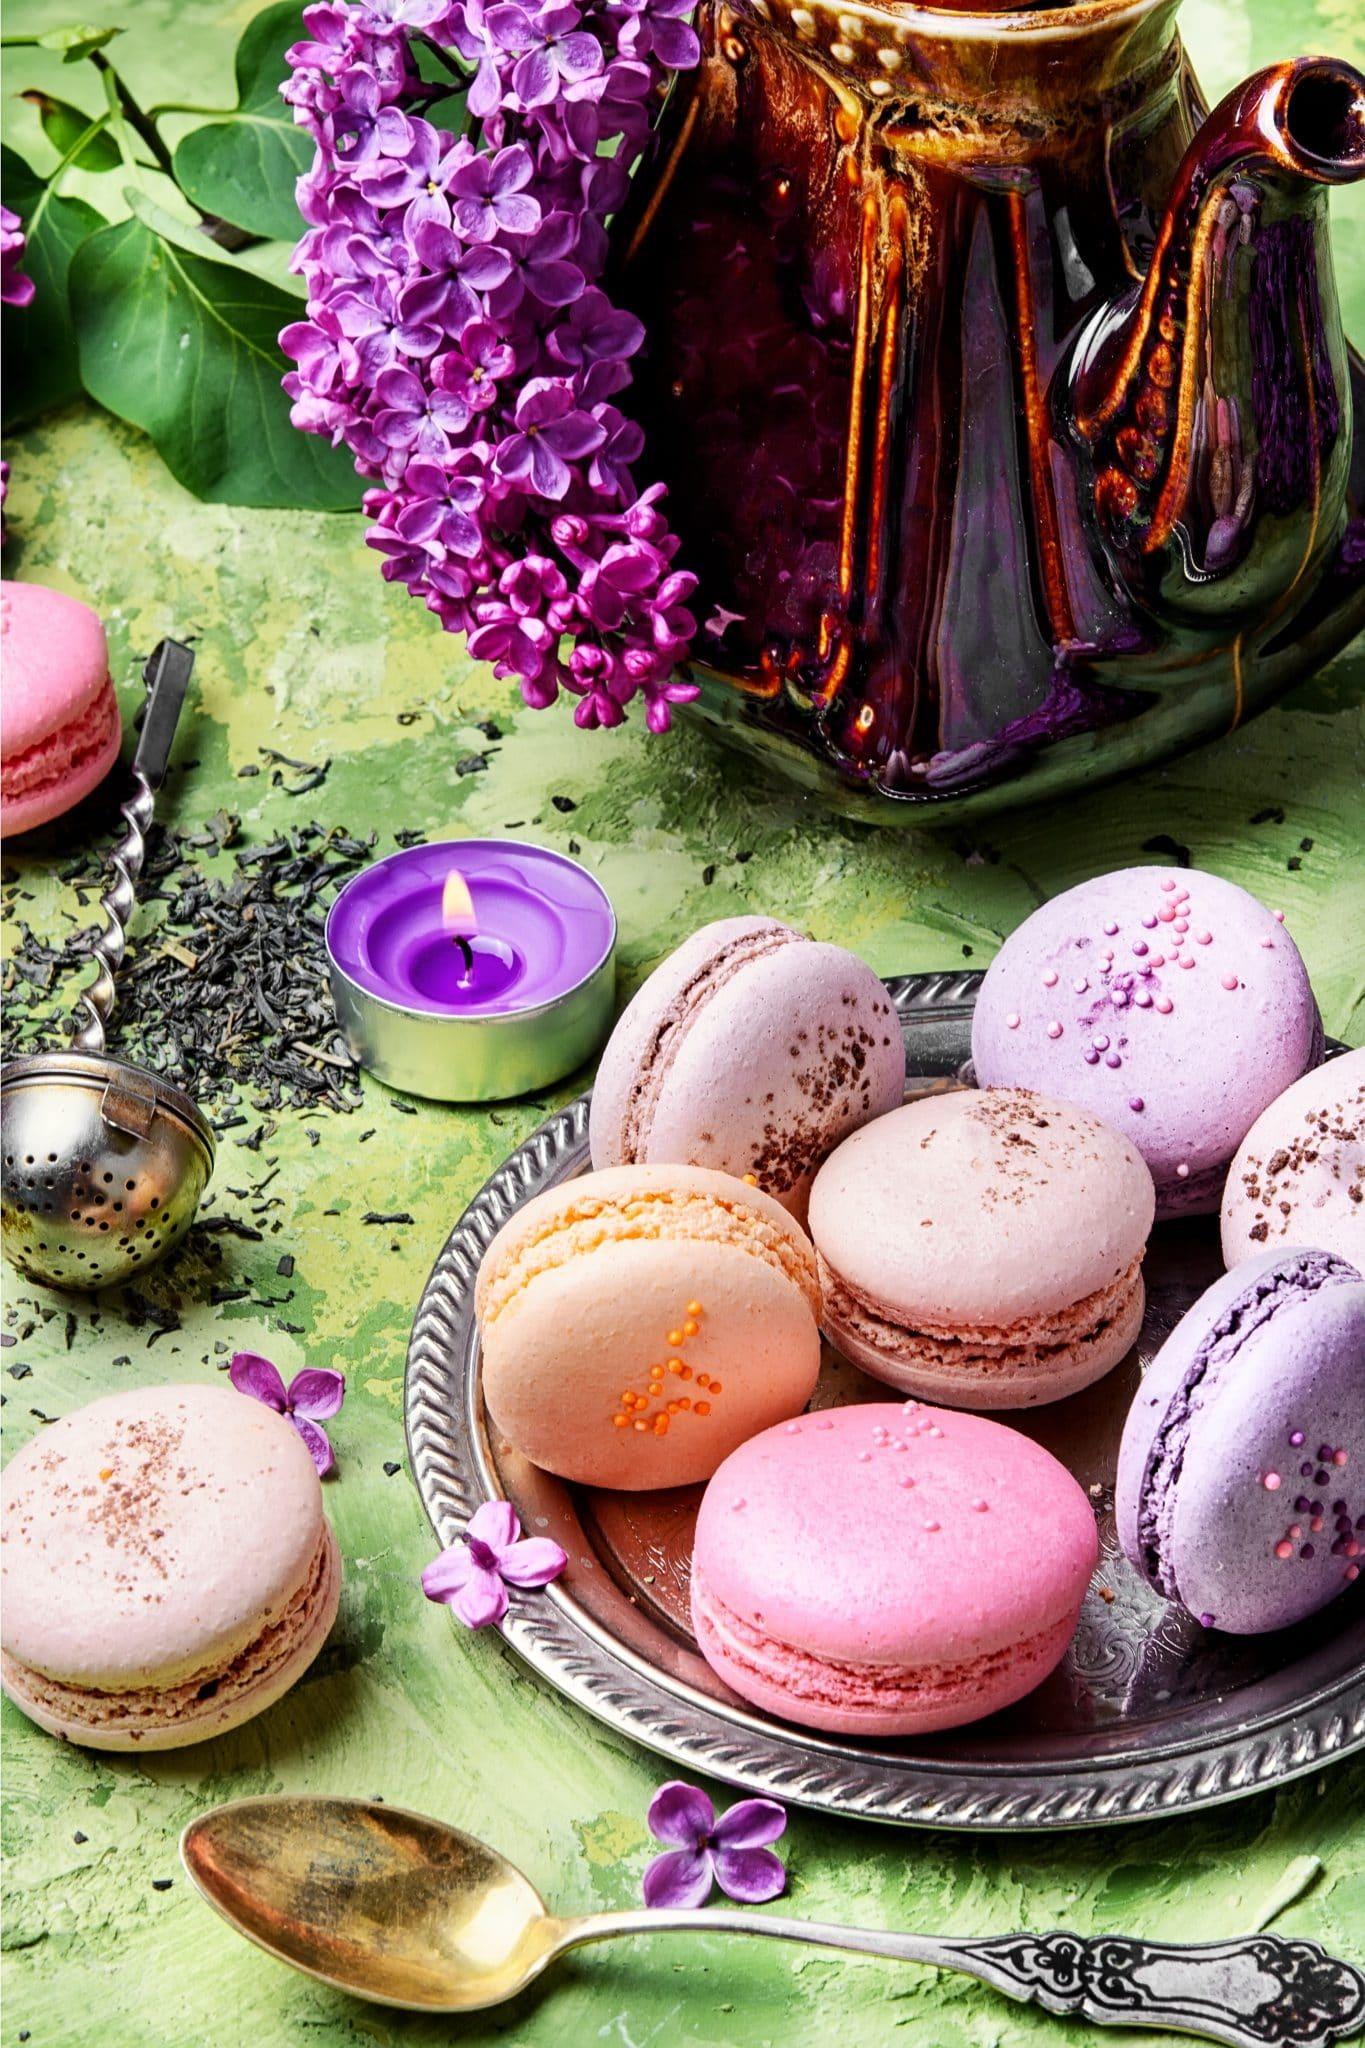 sweet-french-macaroons-PQWW93U